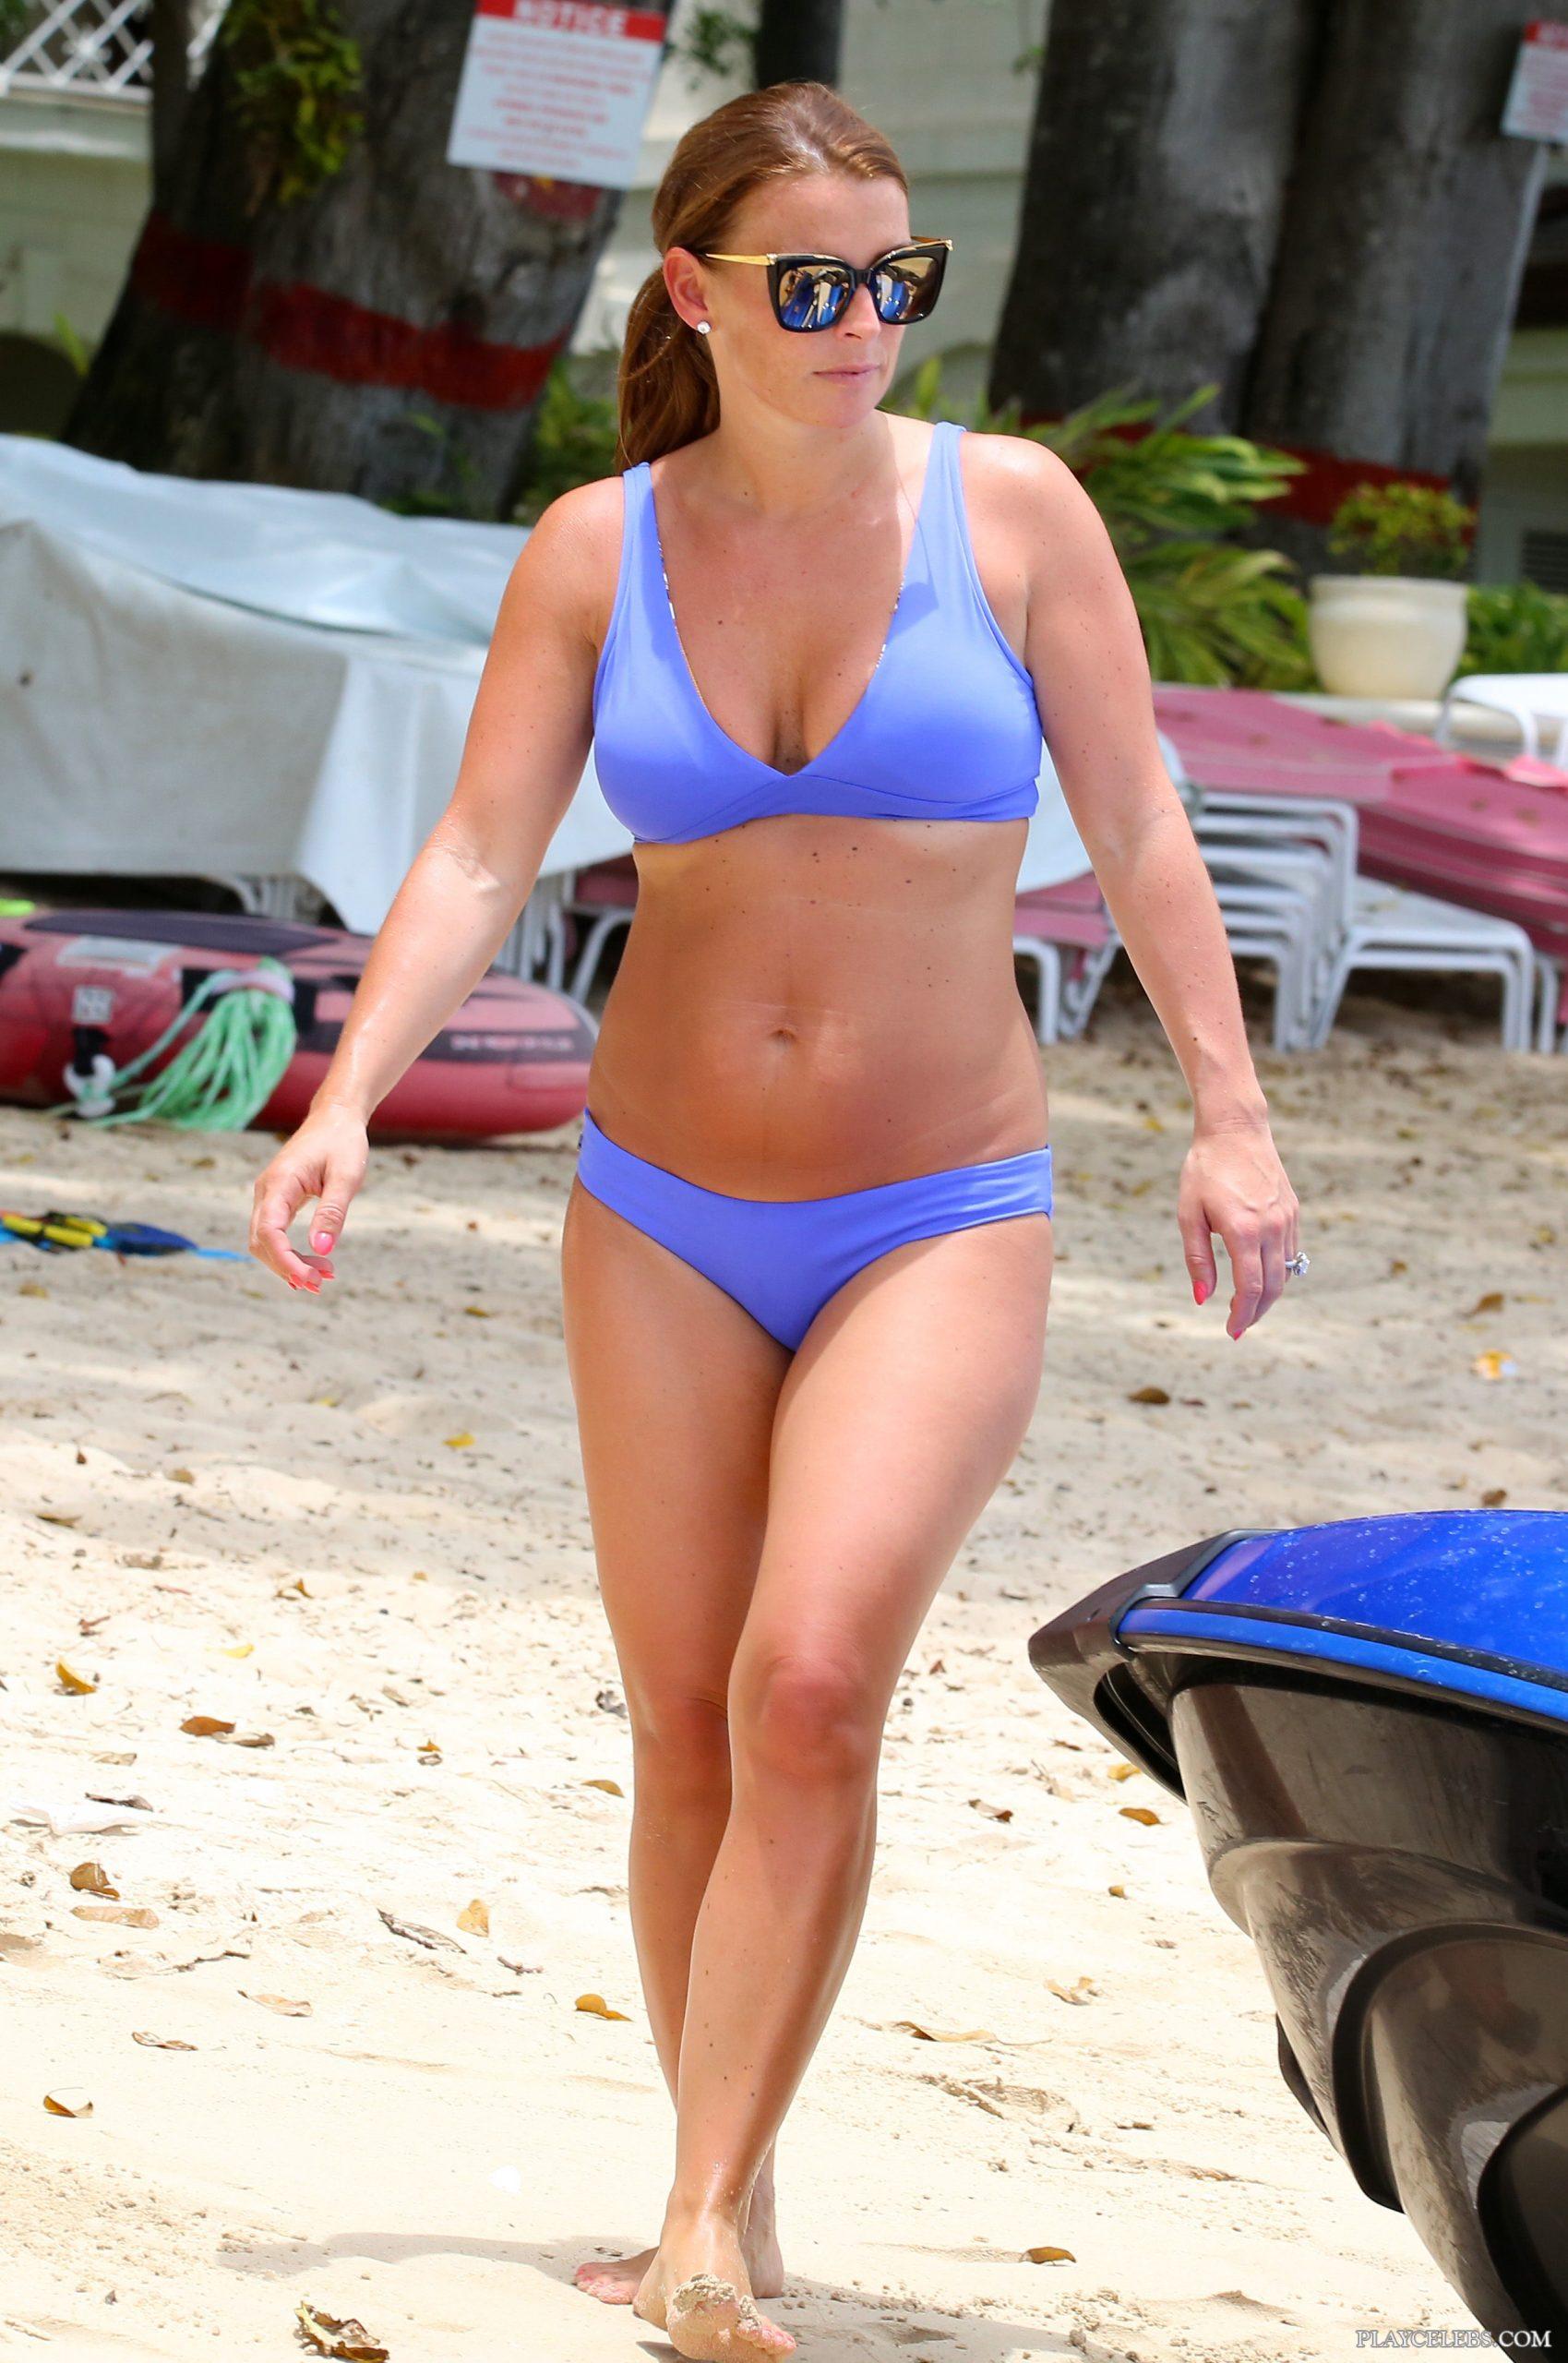 Coleen Rooney Papartazzi Bikini Beach Shots